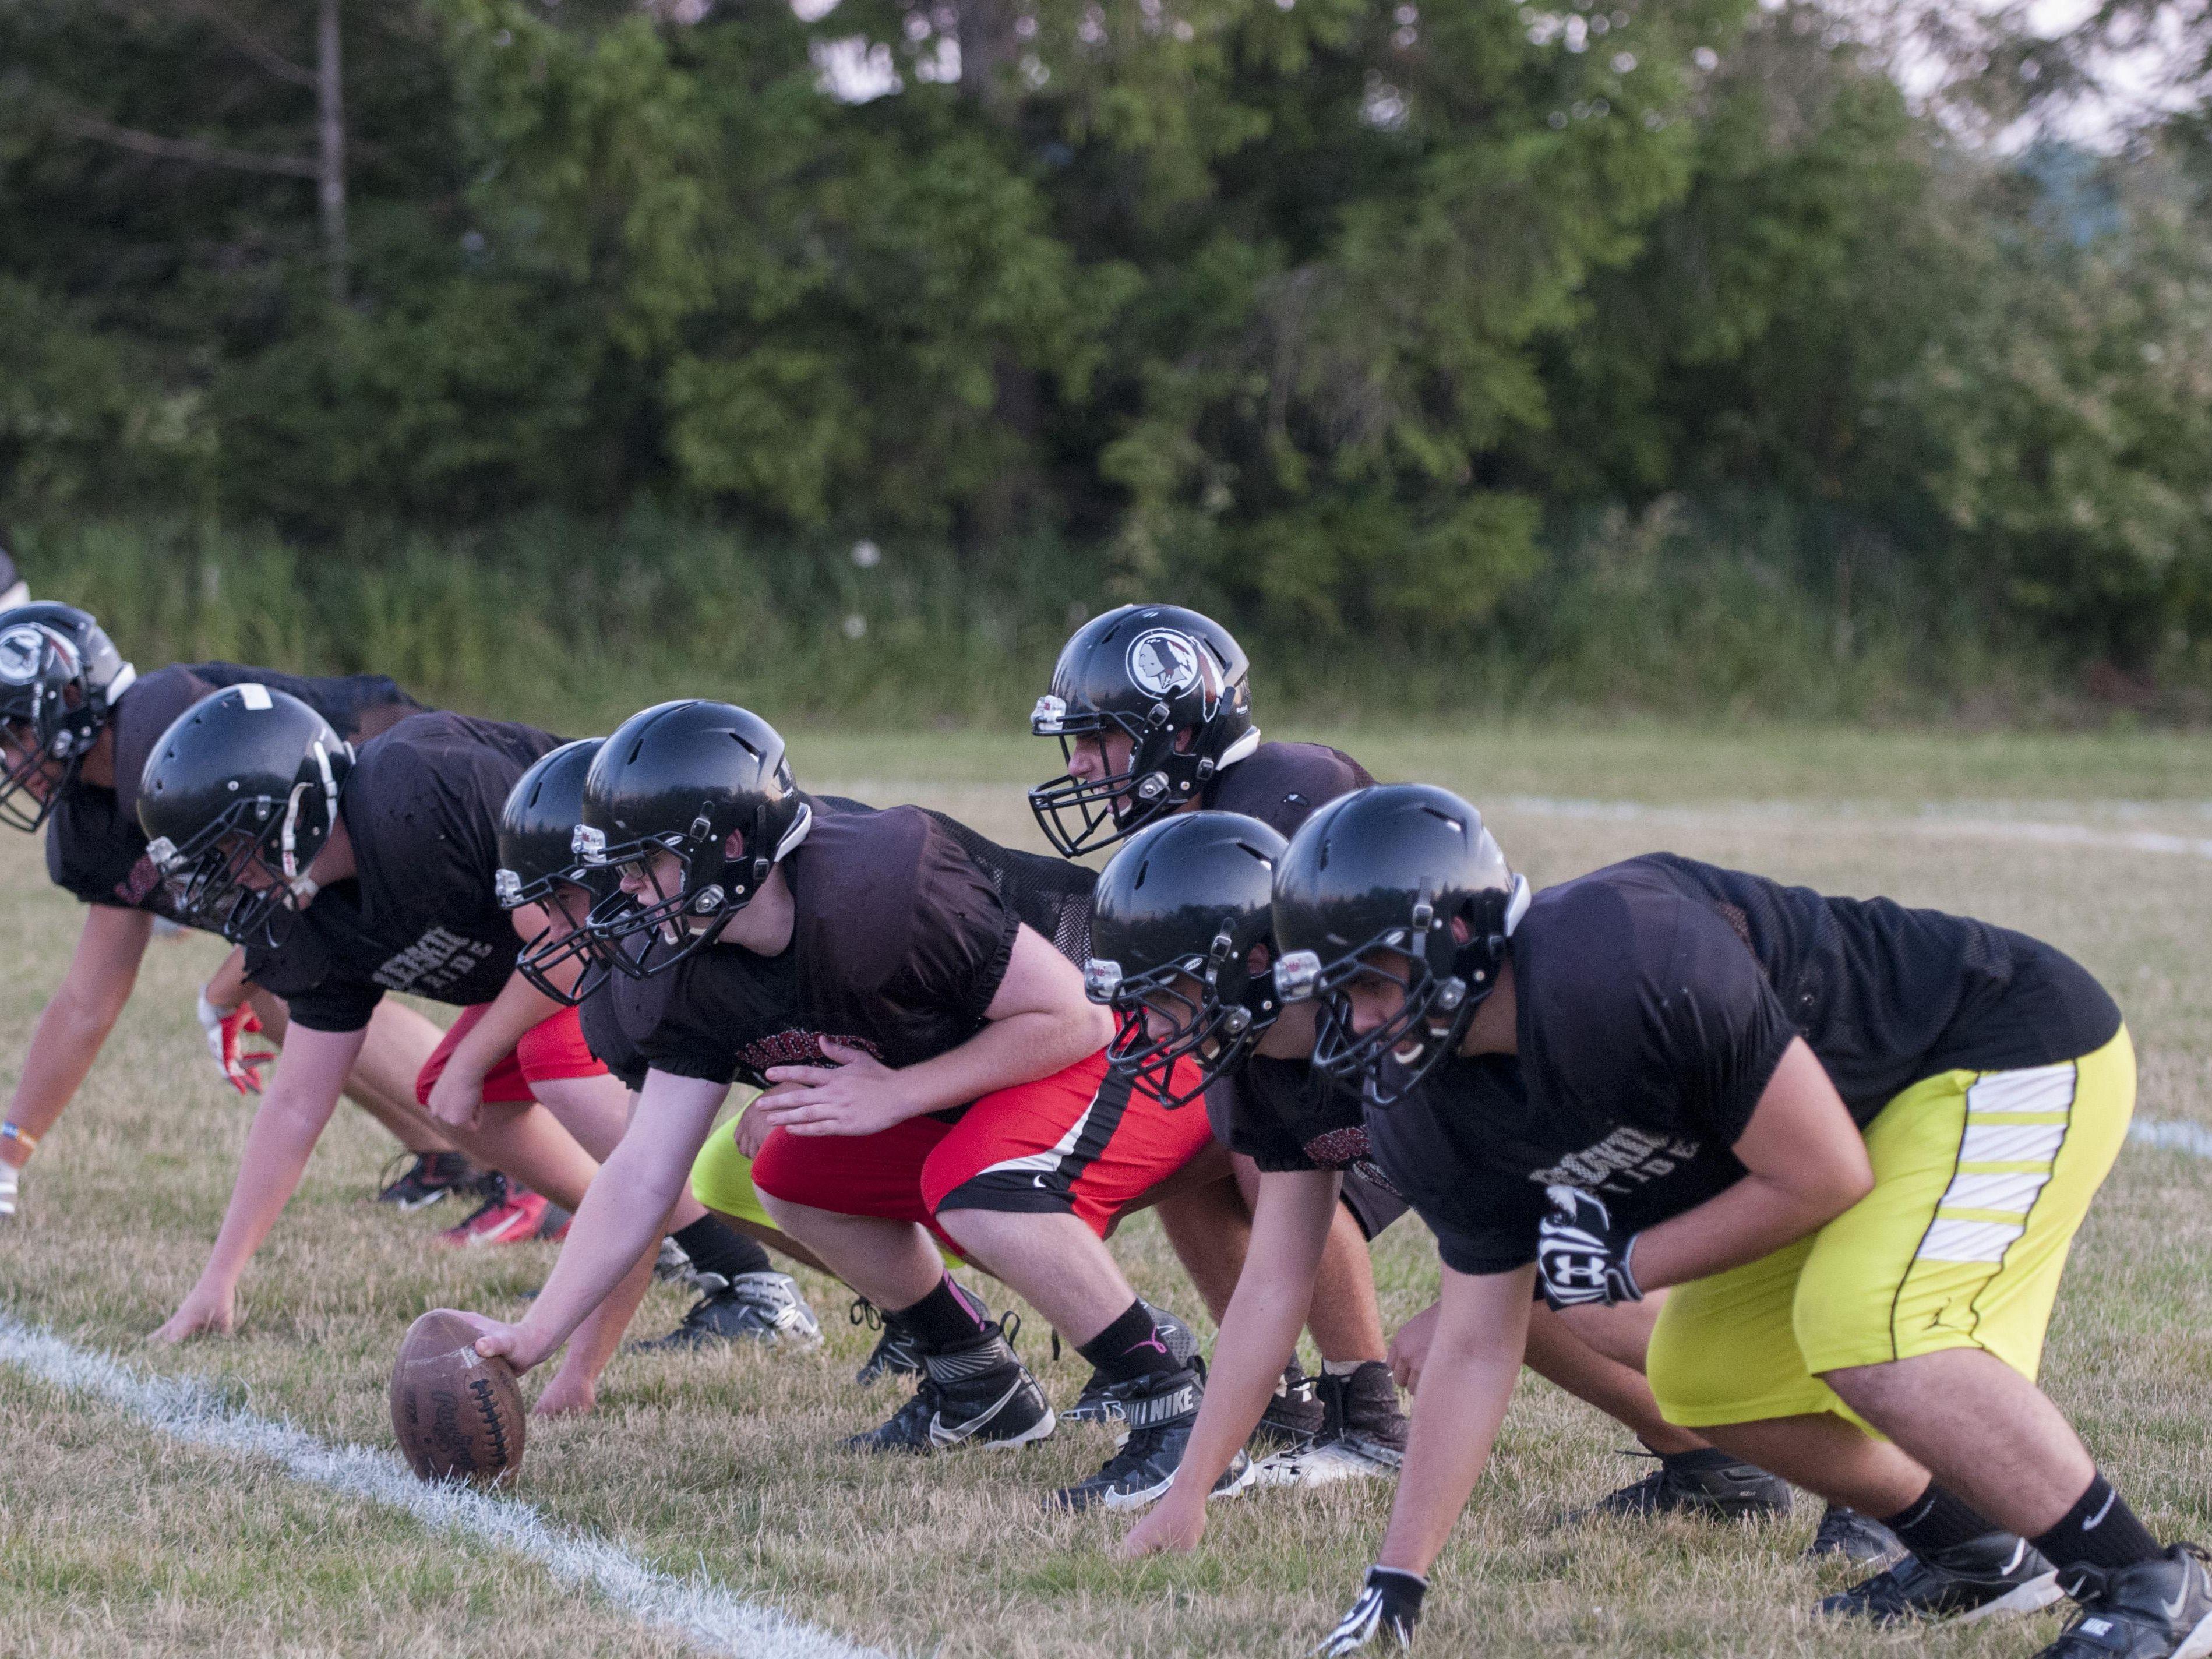 The Sandusky offensive line goes through a drill Wednesday, Aug. 10 2016 at Sandusky High School.